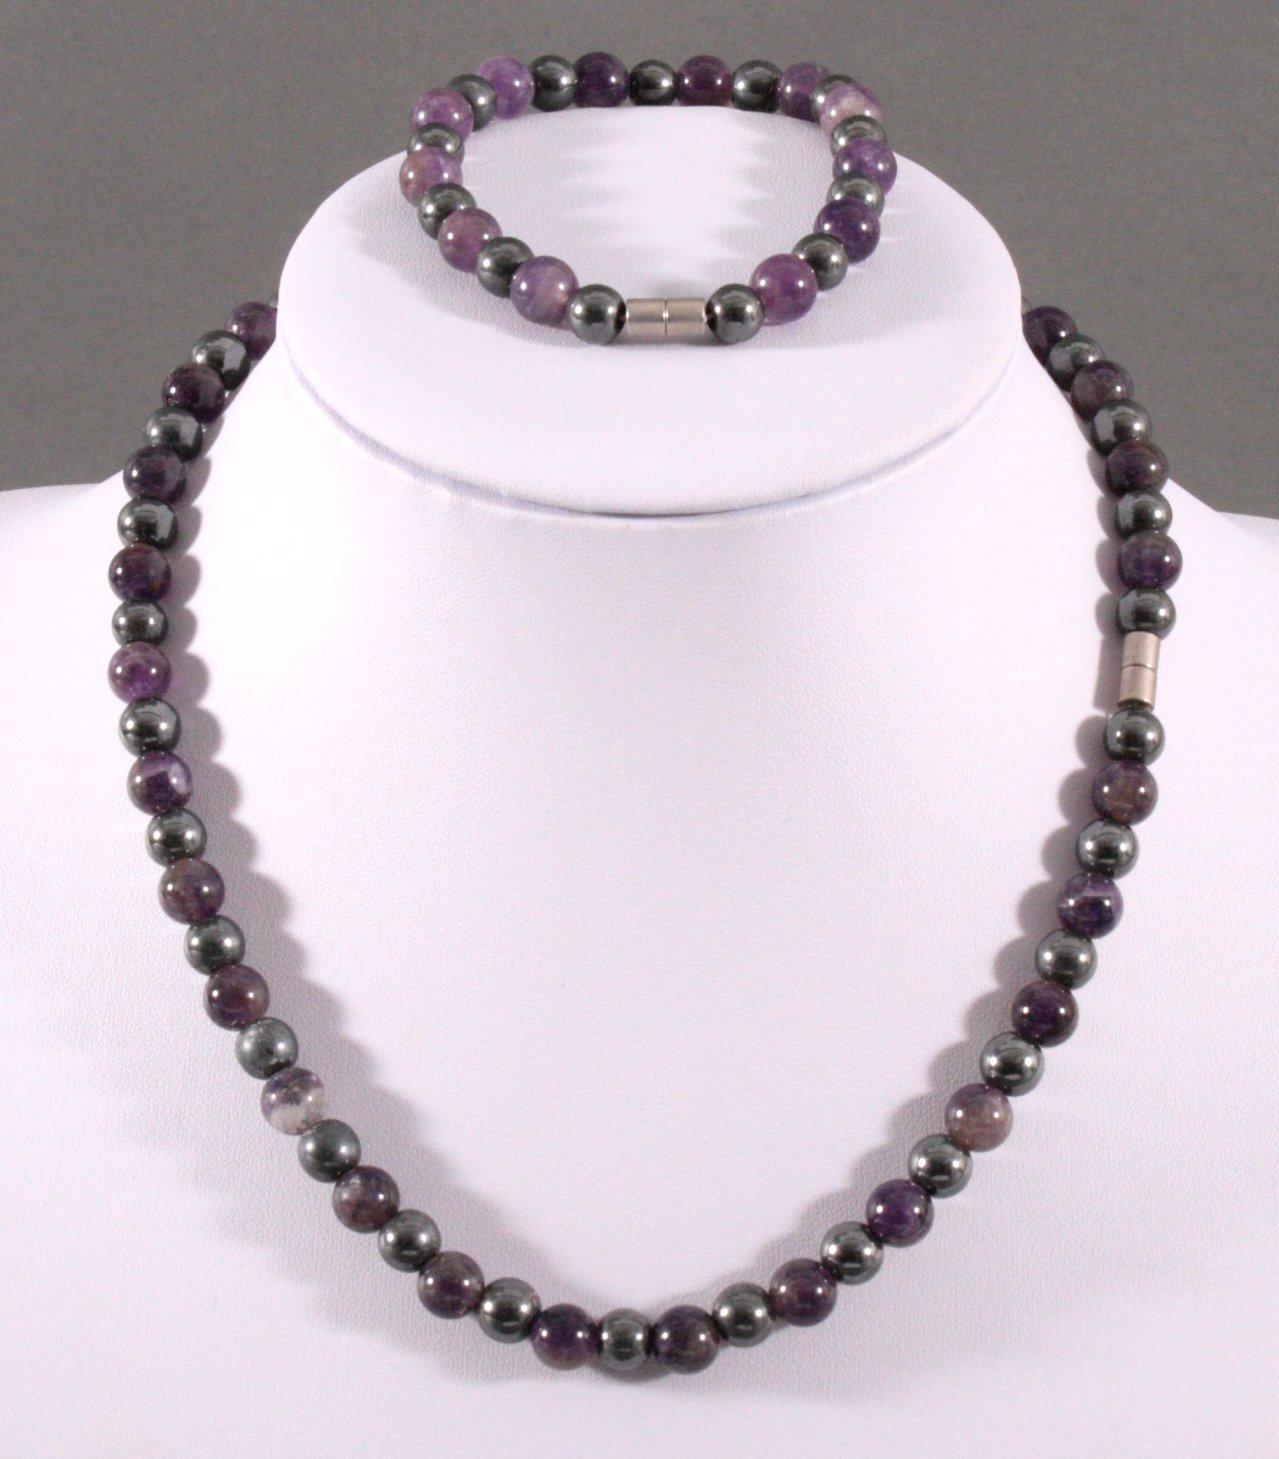 Achat Halskette und Armband